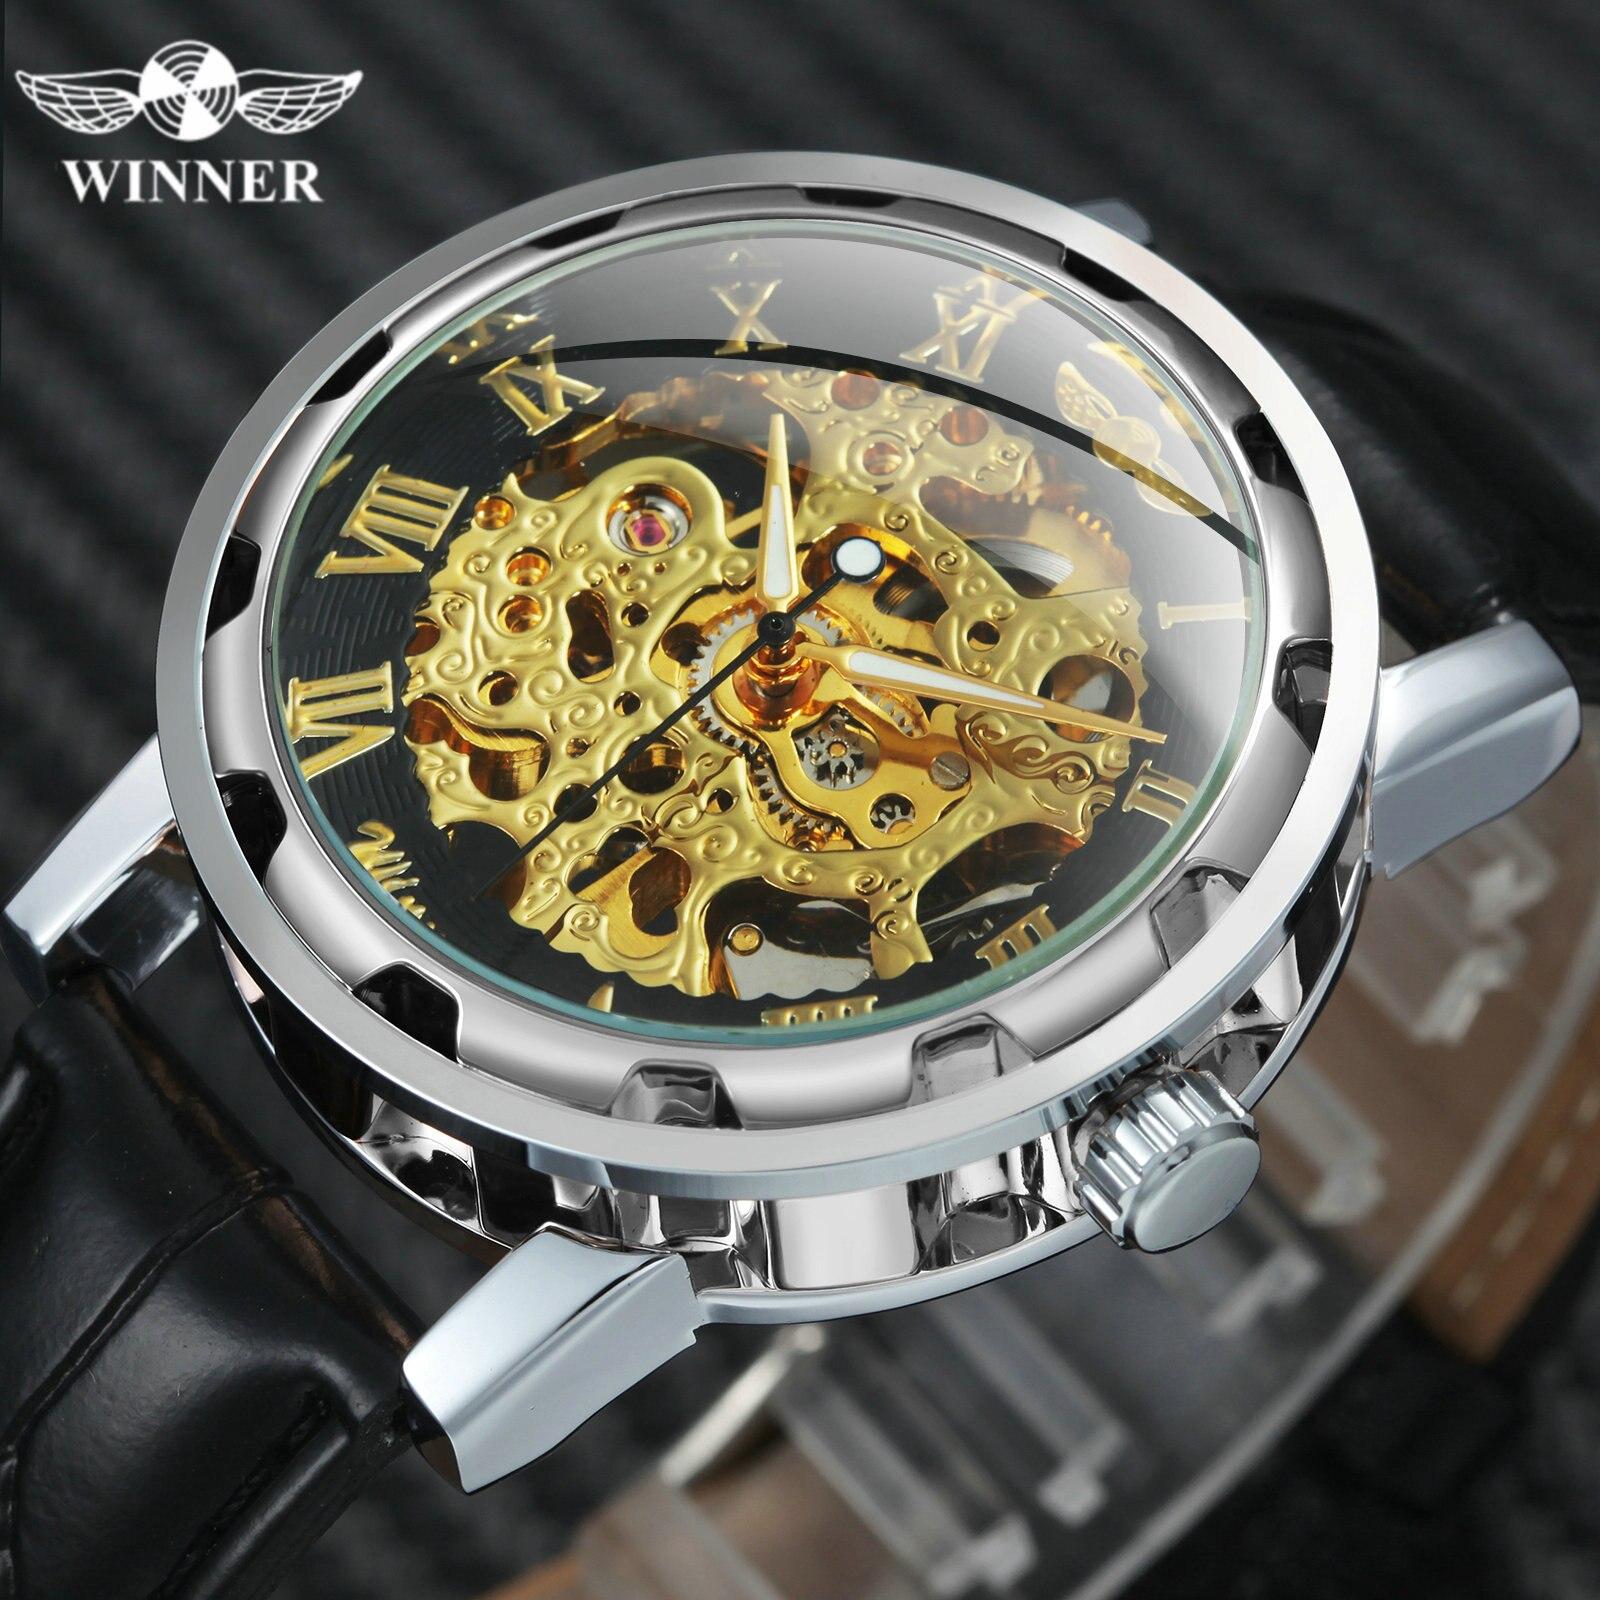 Oficial dos Homens Relógios de Moda Marca de Luxo Esqueleto de Ouro Pulseira de Couro Relógios de Pulso Vencedor Relógio Mecânico Masculino Clássico Vestido